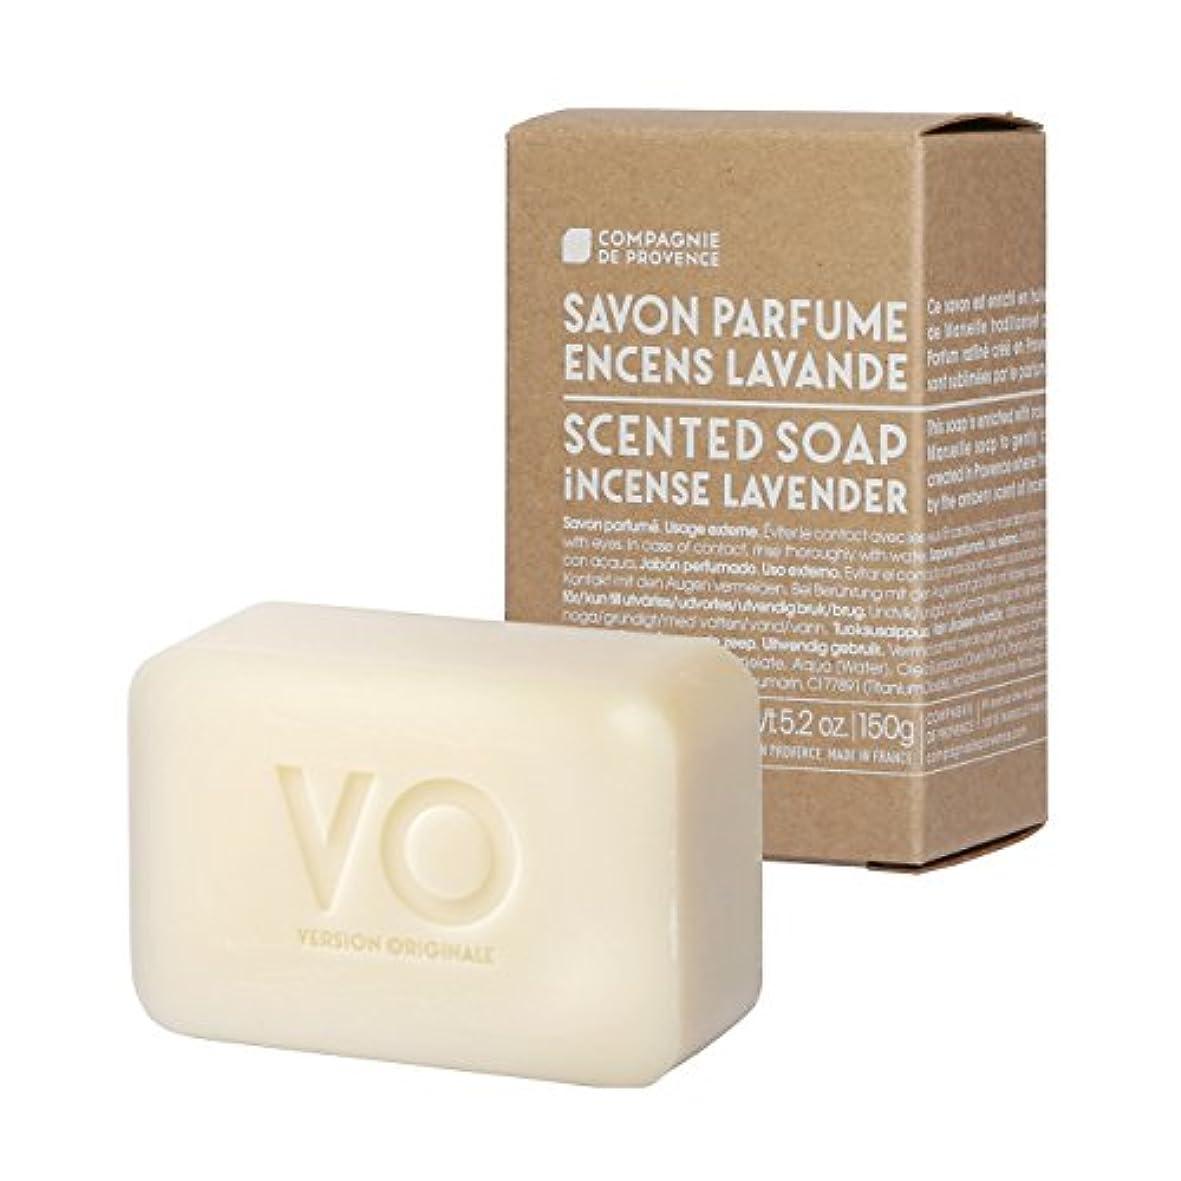 崇拝する博物館アサーカンパニードプロバンス バージョンオリジナル センティッドソープ インセンスラベンダー(ラベンダーとお香の香り) 150g